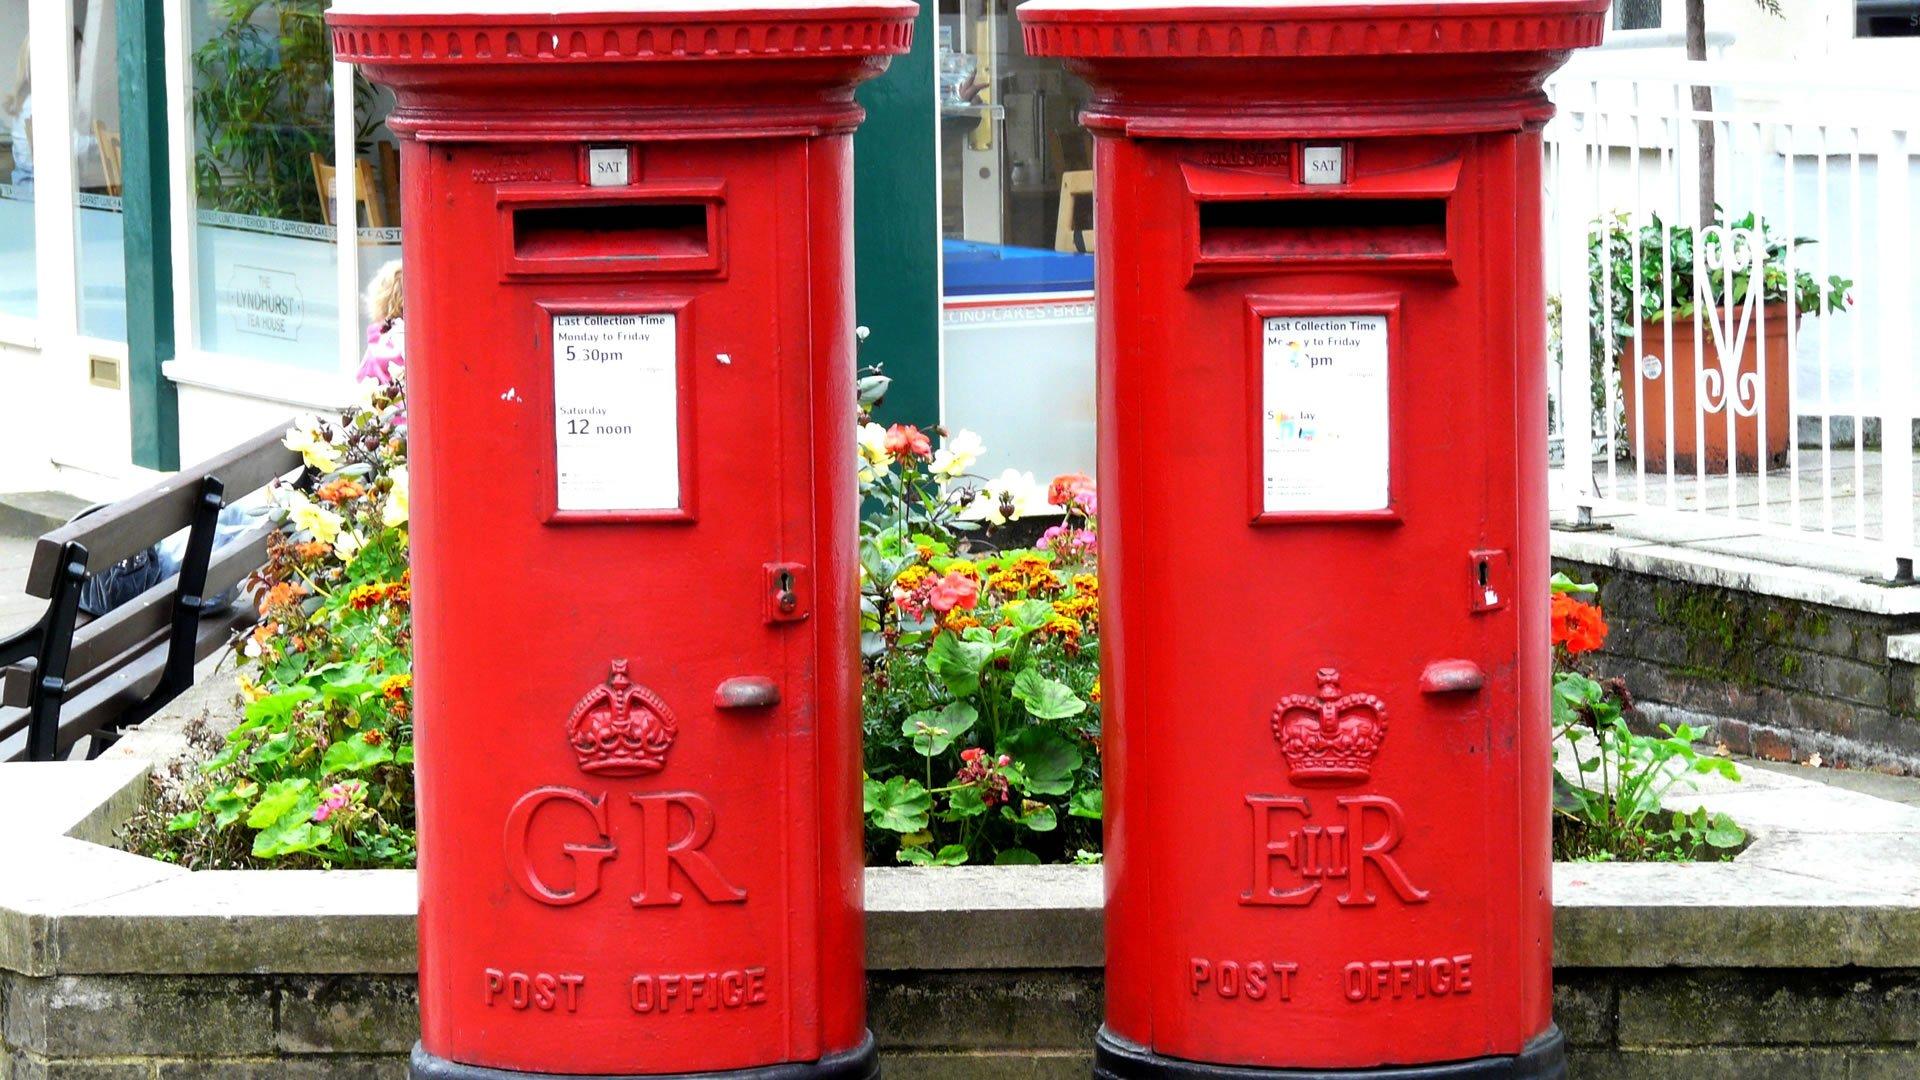 Buzones de correos en el reino unido - Buzon de correos ...